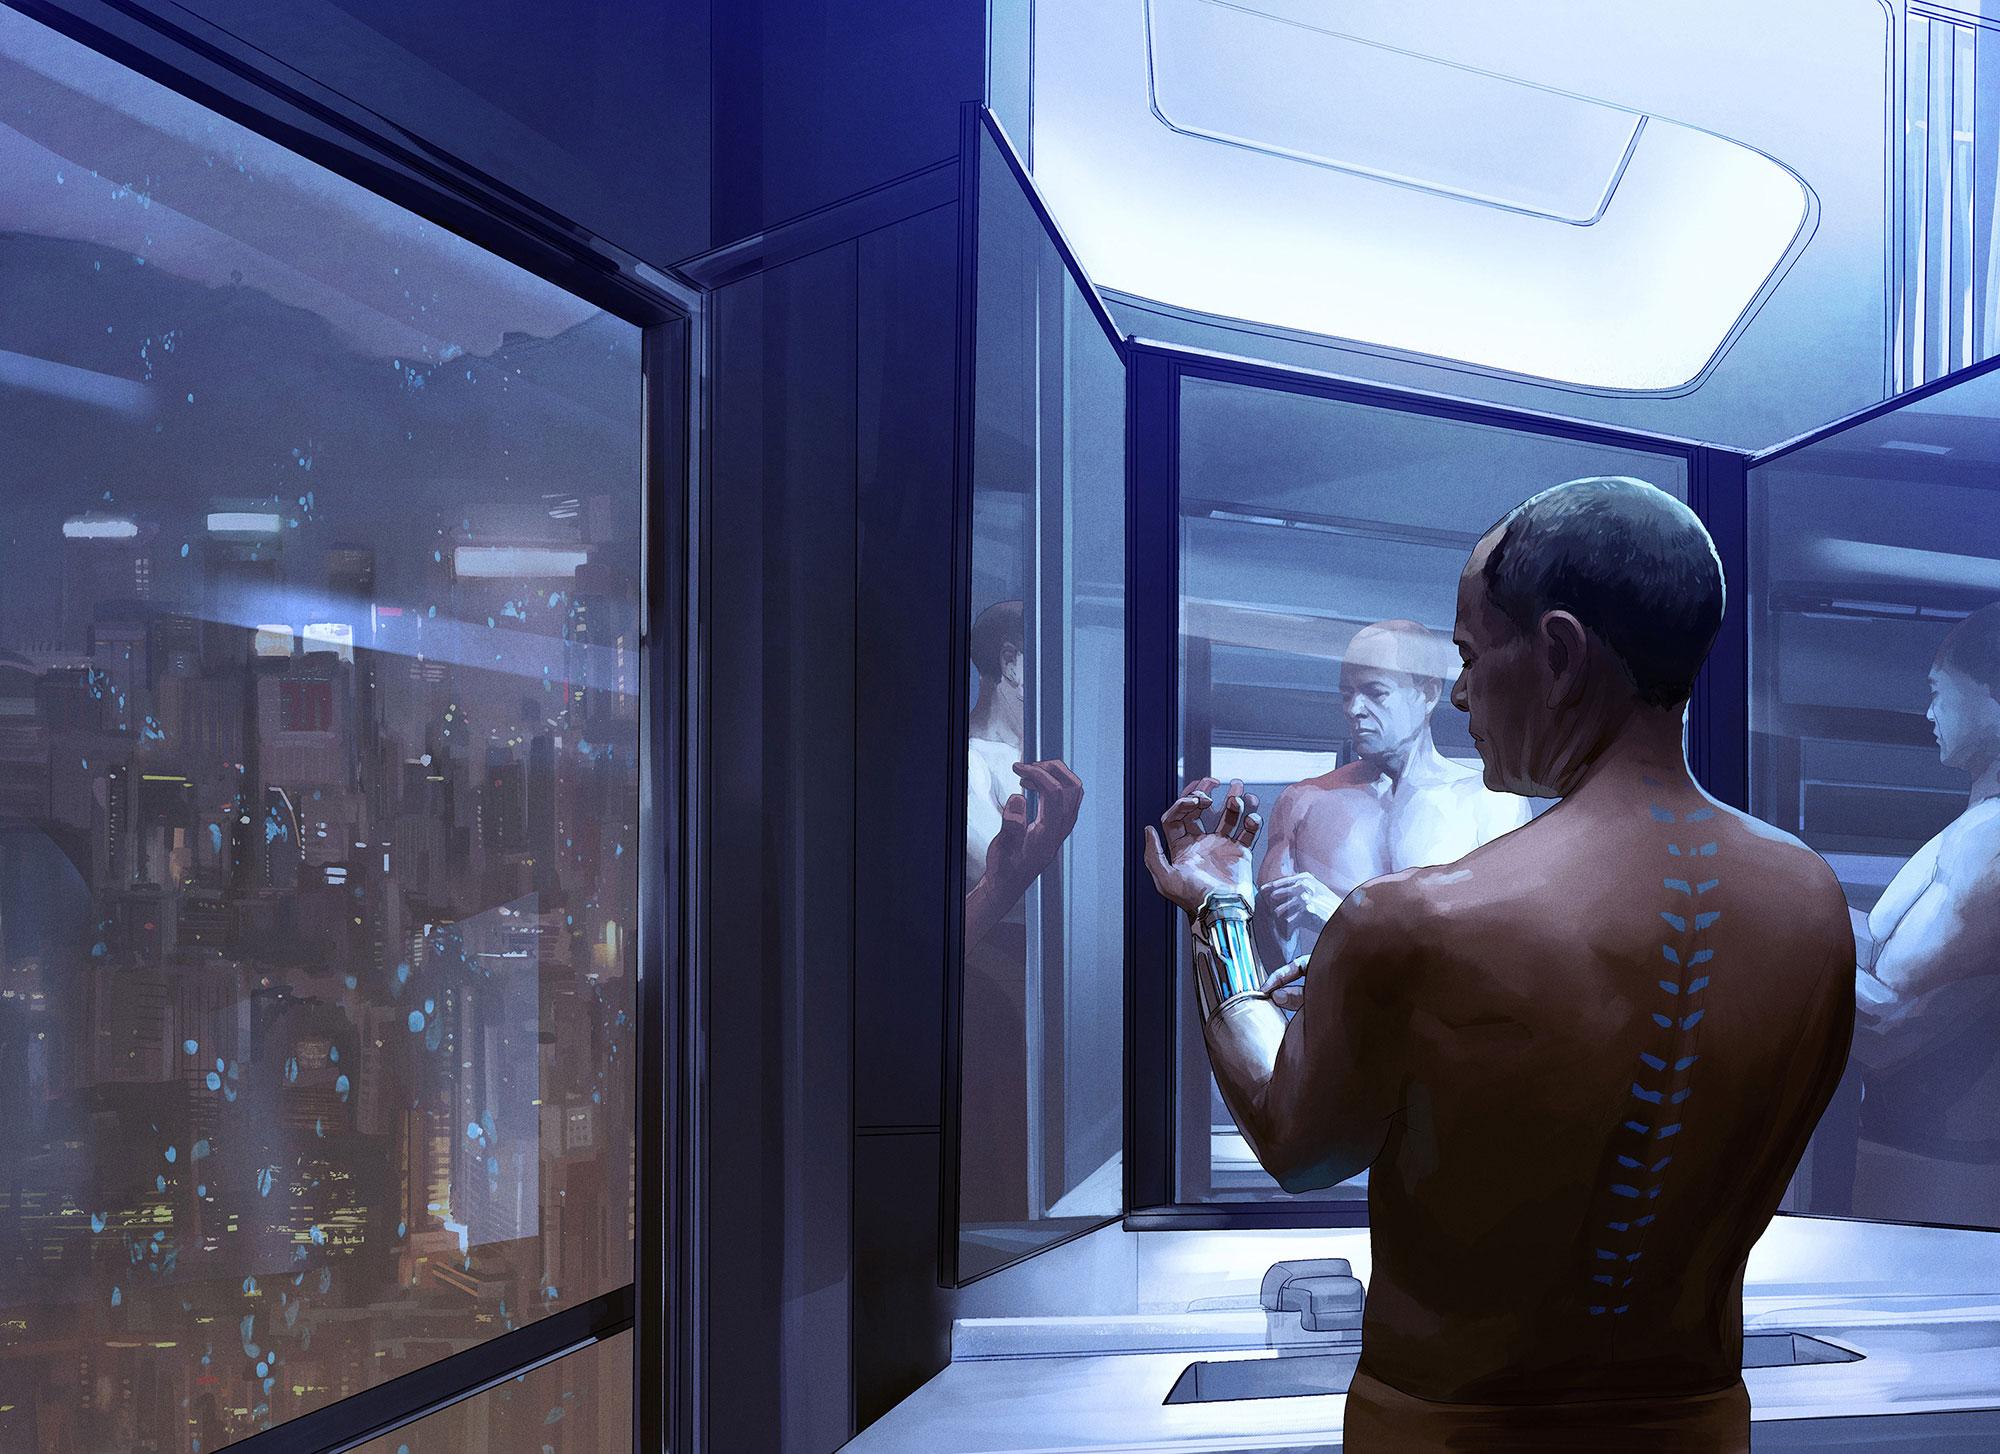 The Next Human, Cyborg